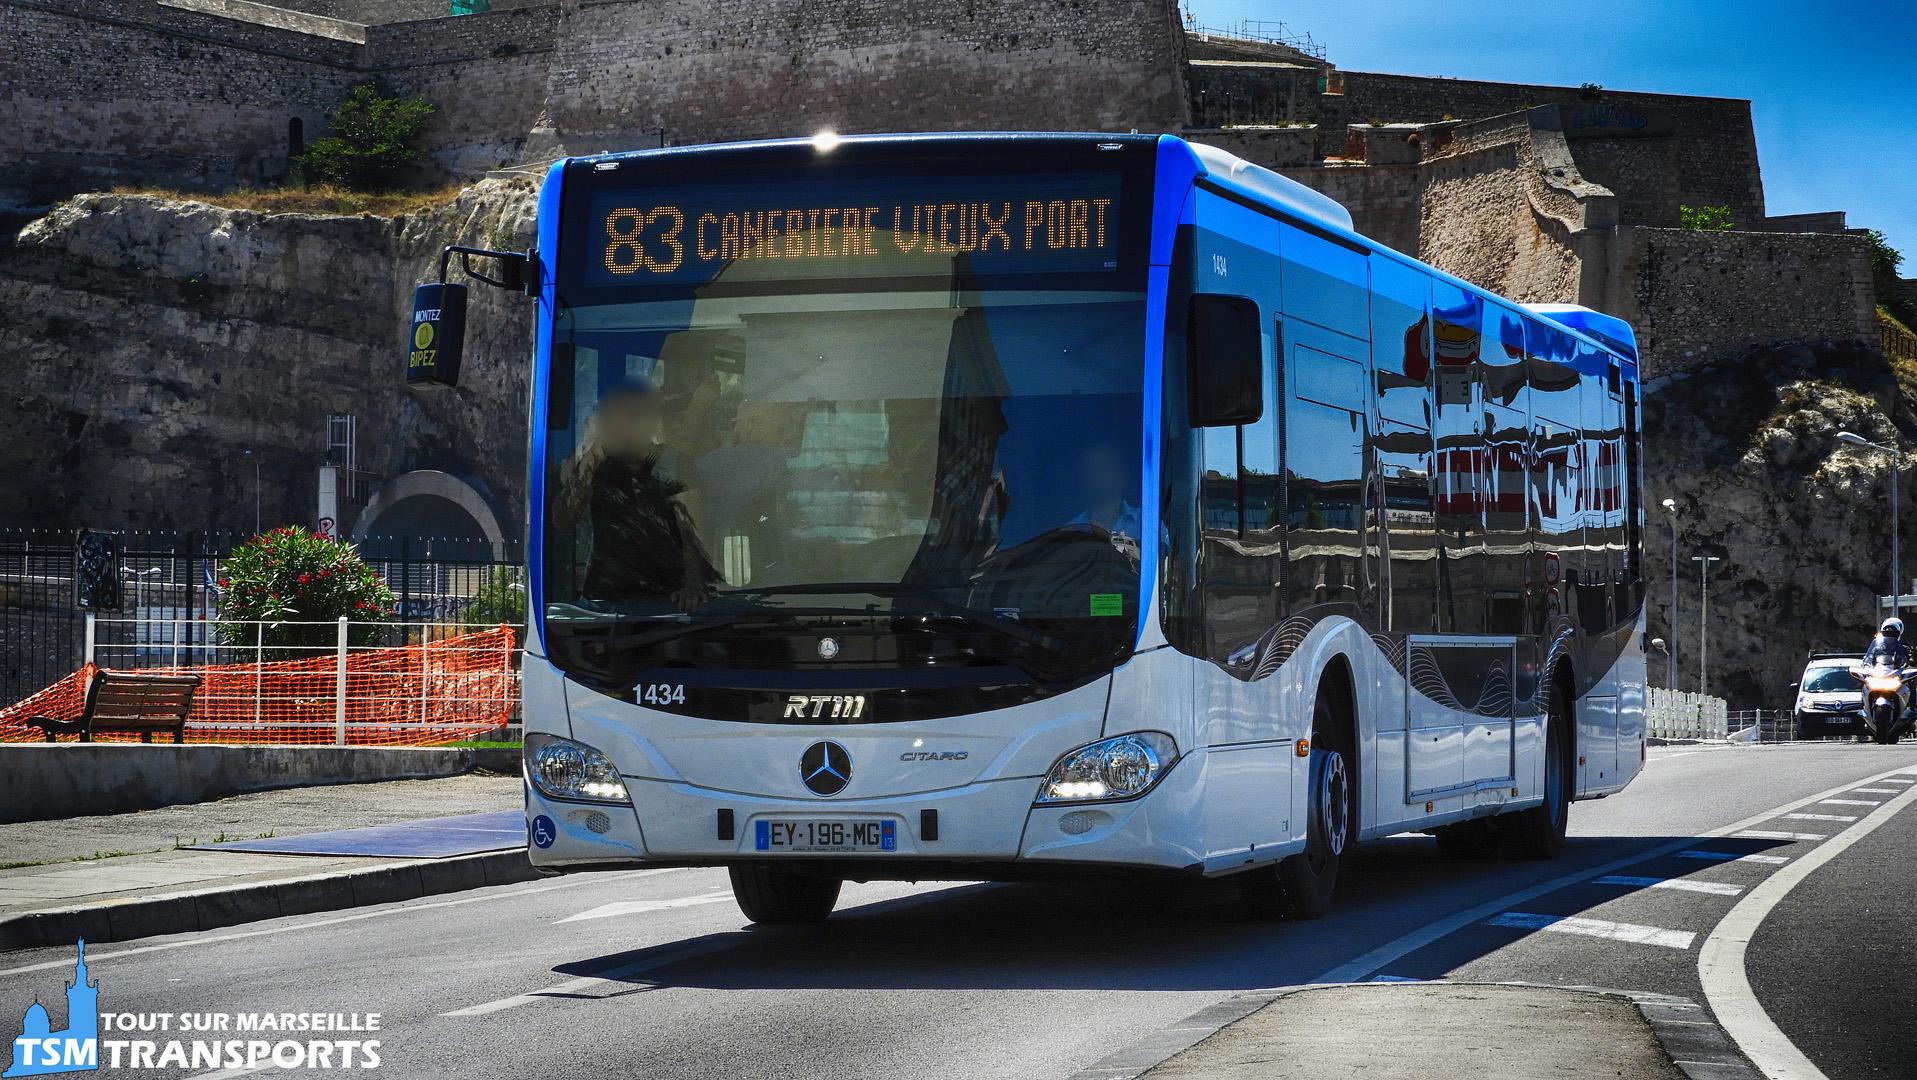 Mercedes Benz Citaro 2 Euro 6 RTM n°1434 a l'entrée du vieux port